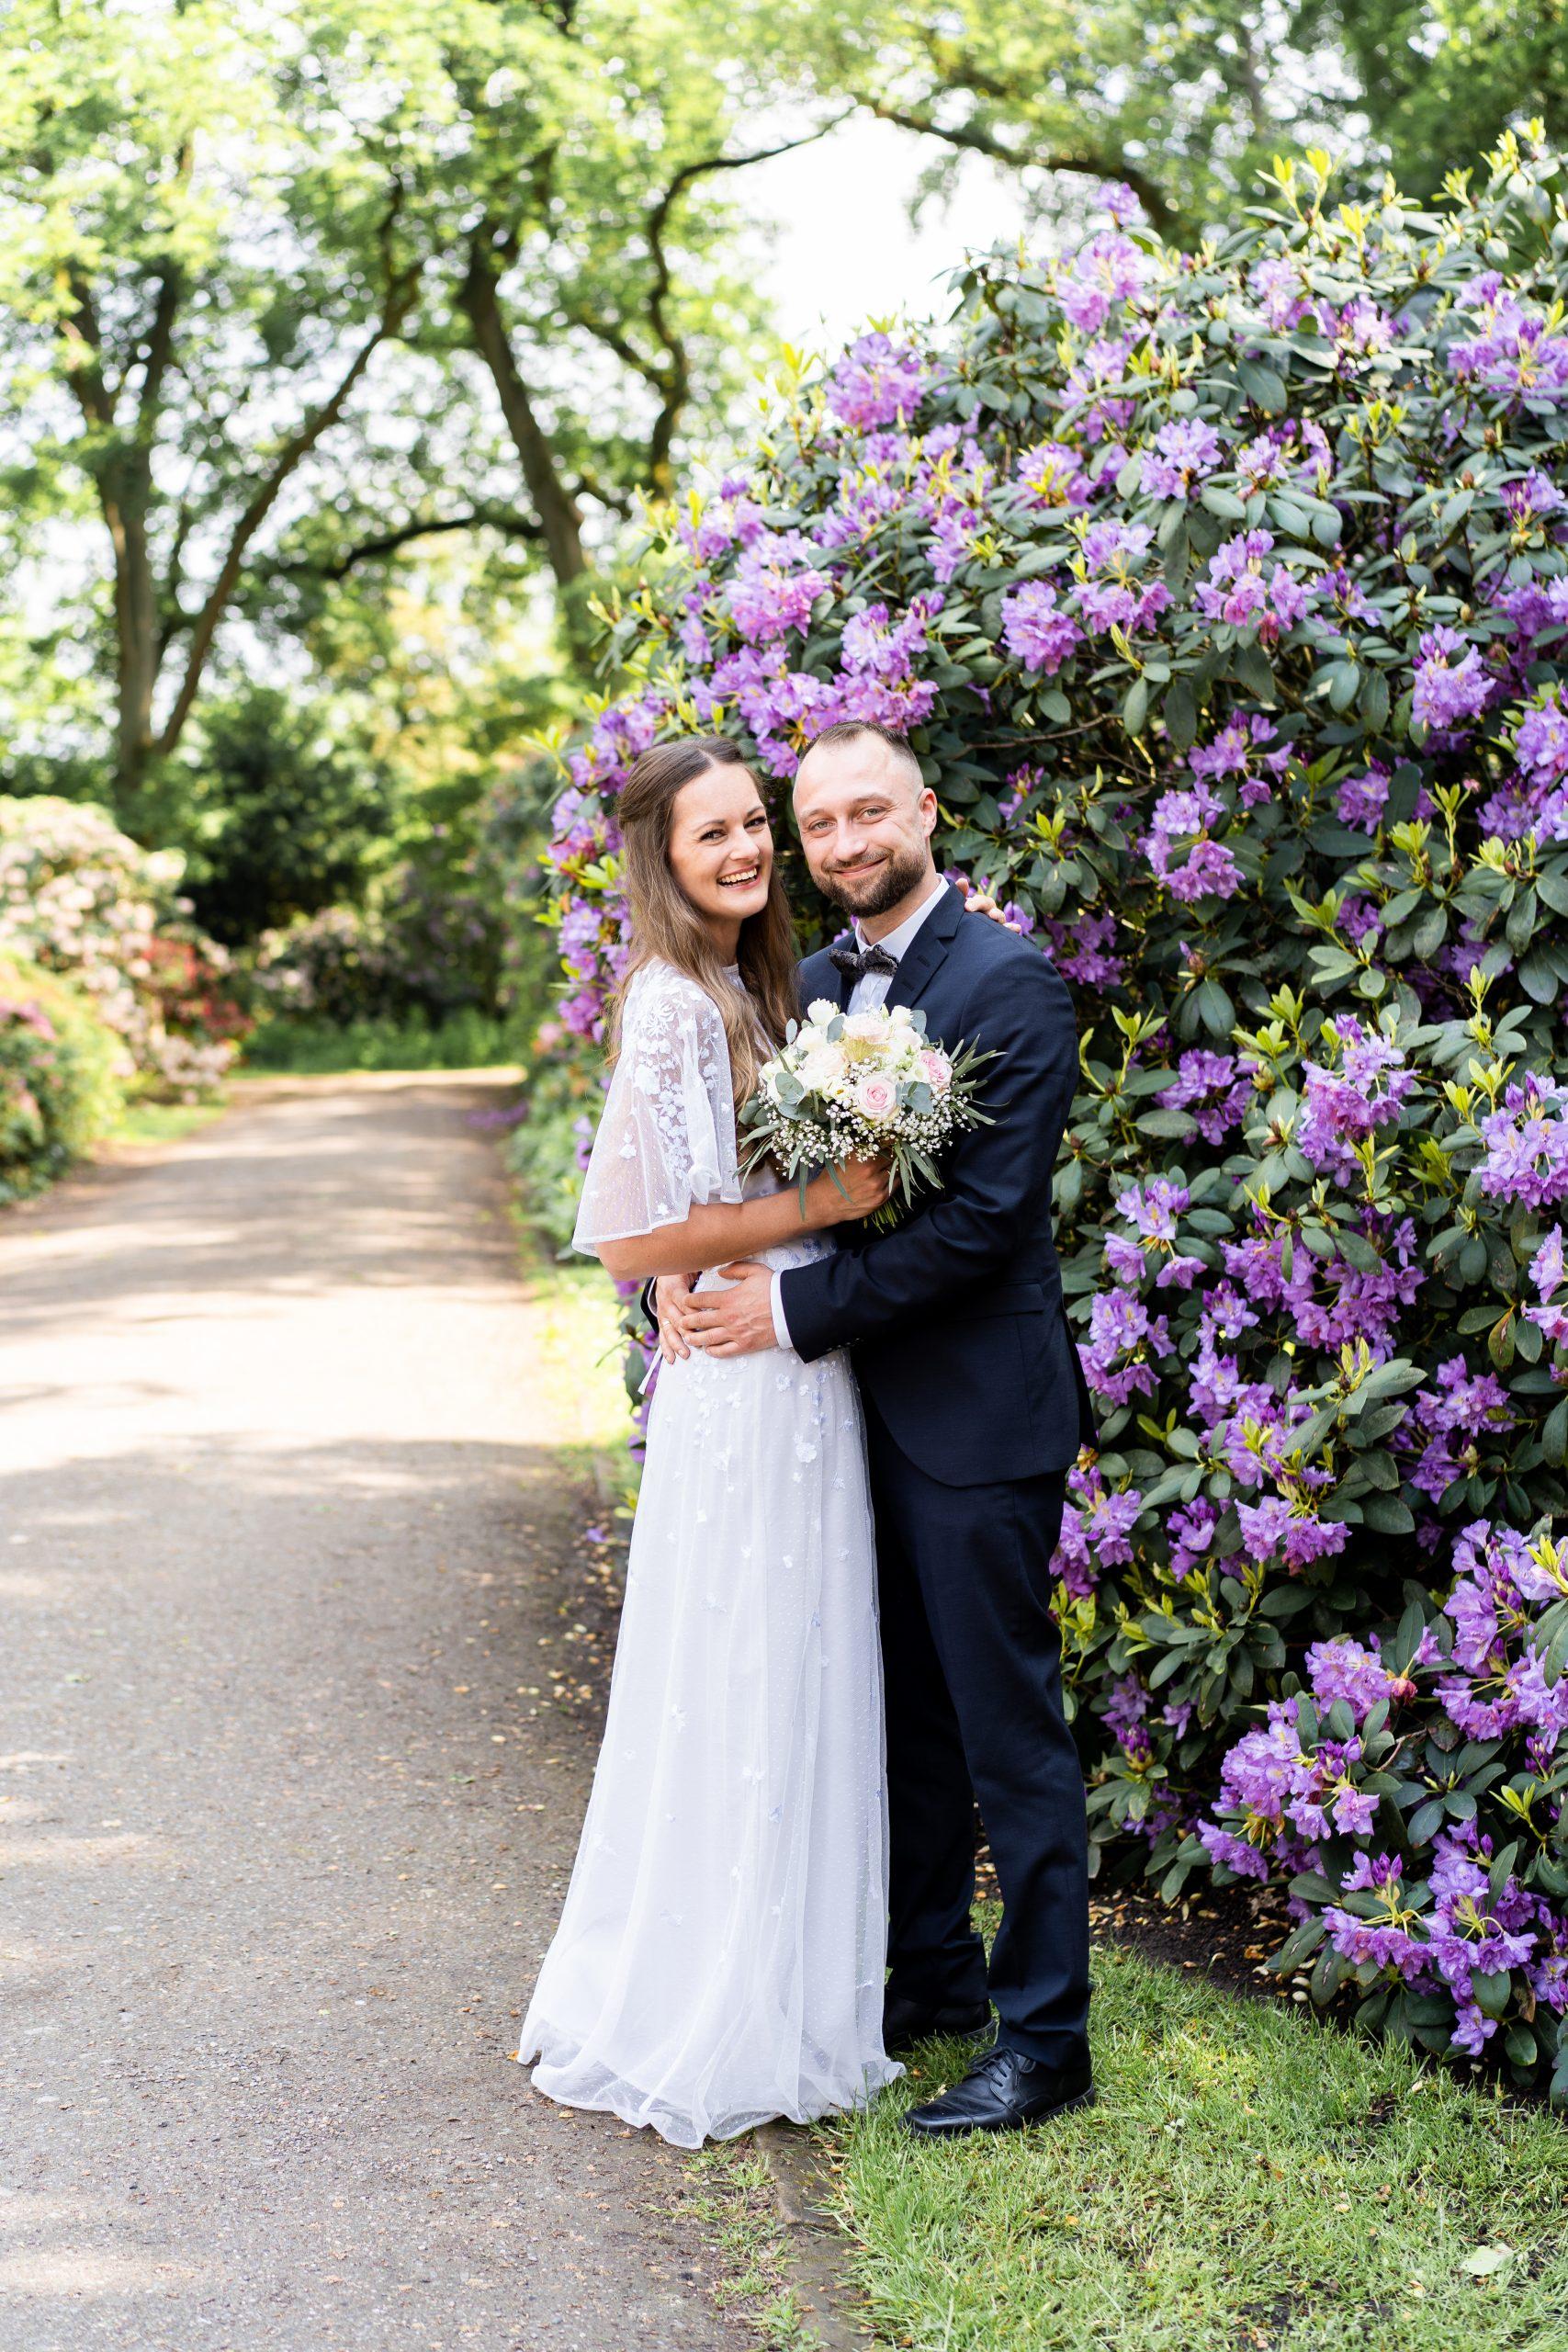 Rhododendron Rhododendronpark Bremen Hochzeitspaar Fotoshooting Hochzeitspaar Brautpaarshooting Hochzeitsfotograf